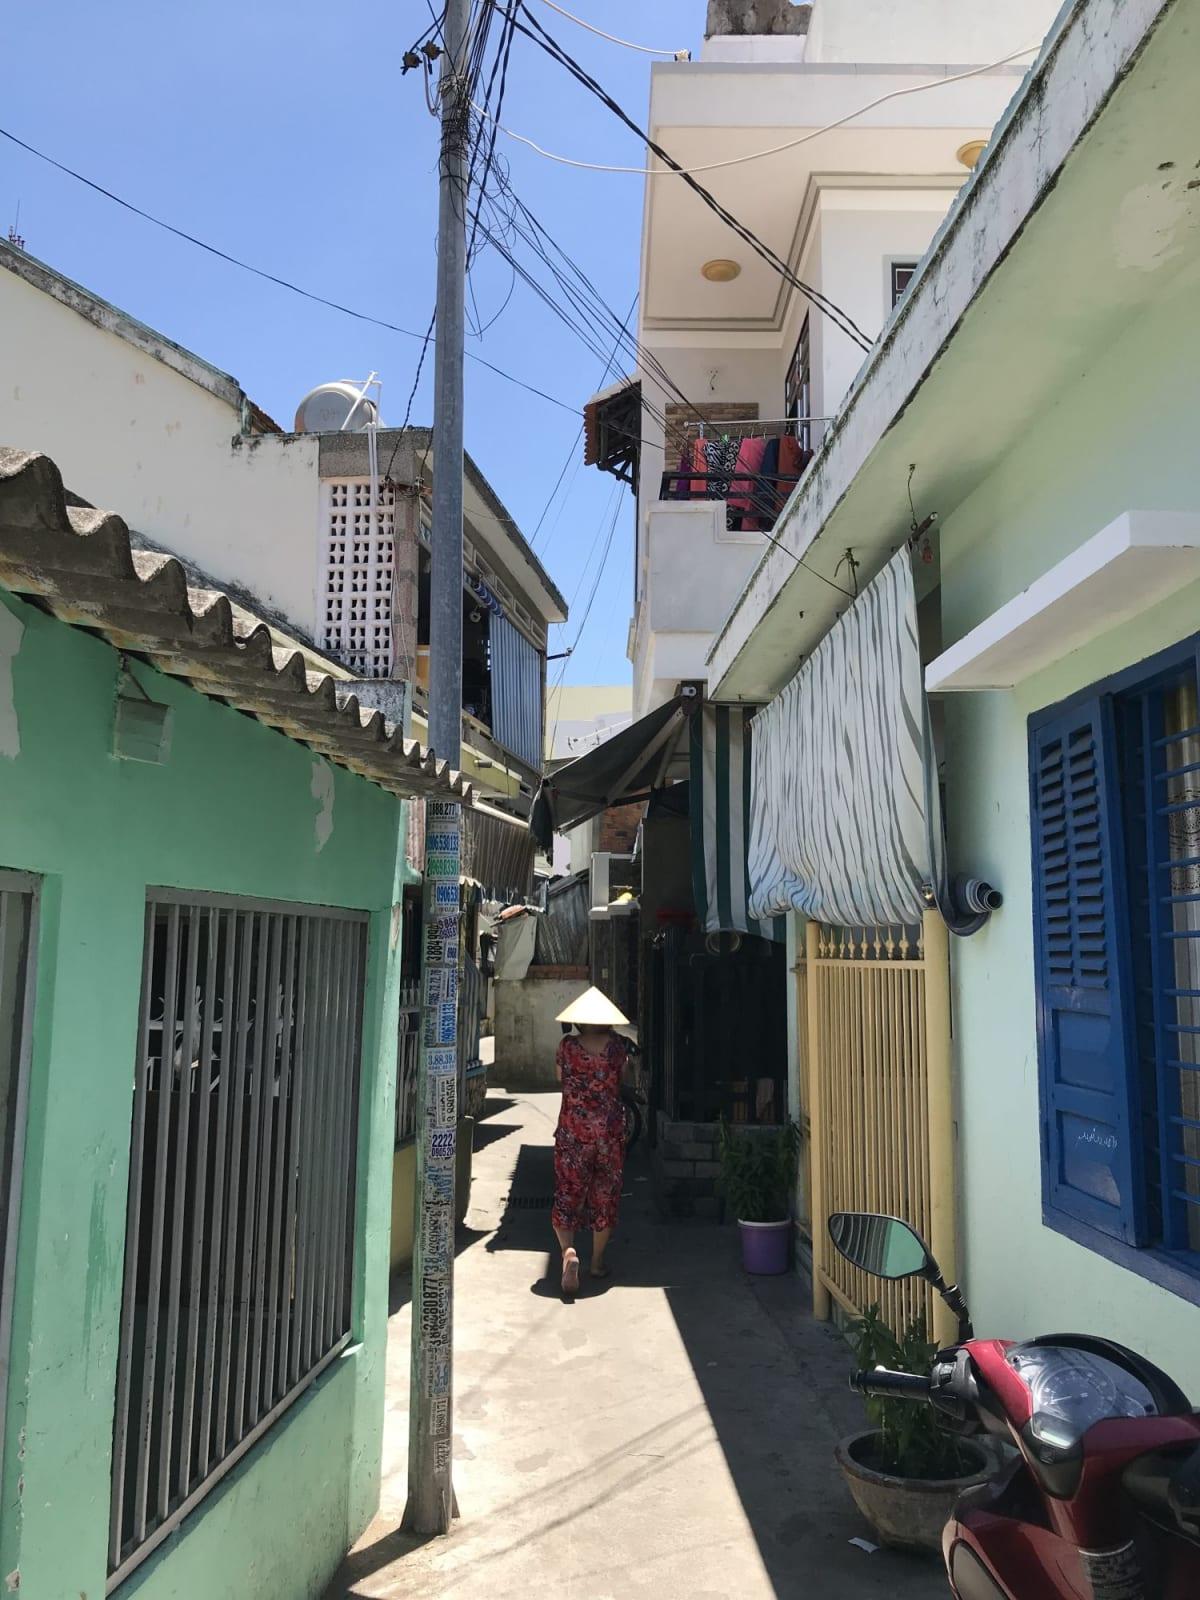 ニャチャン港近くの漁村にて。 壁の色がカラフルでかわいい。